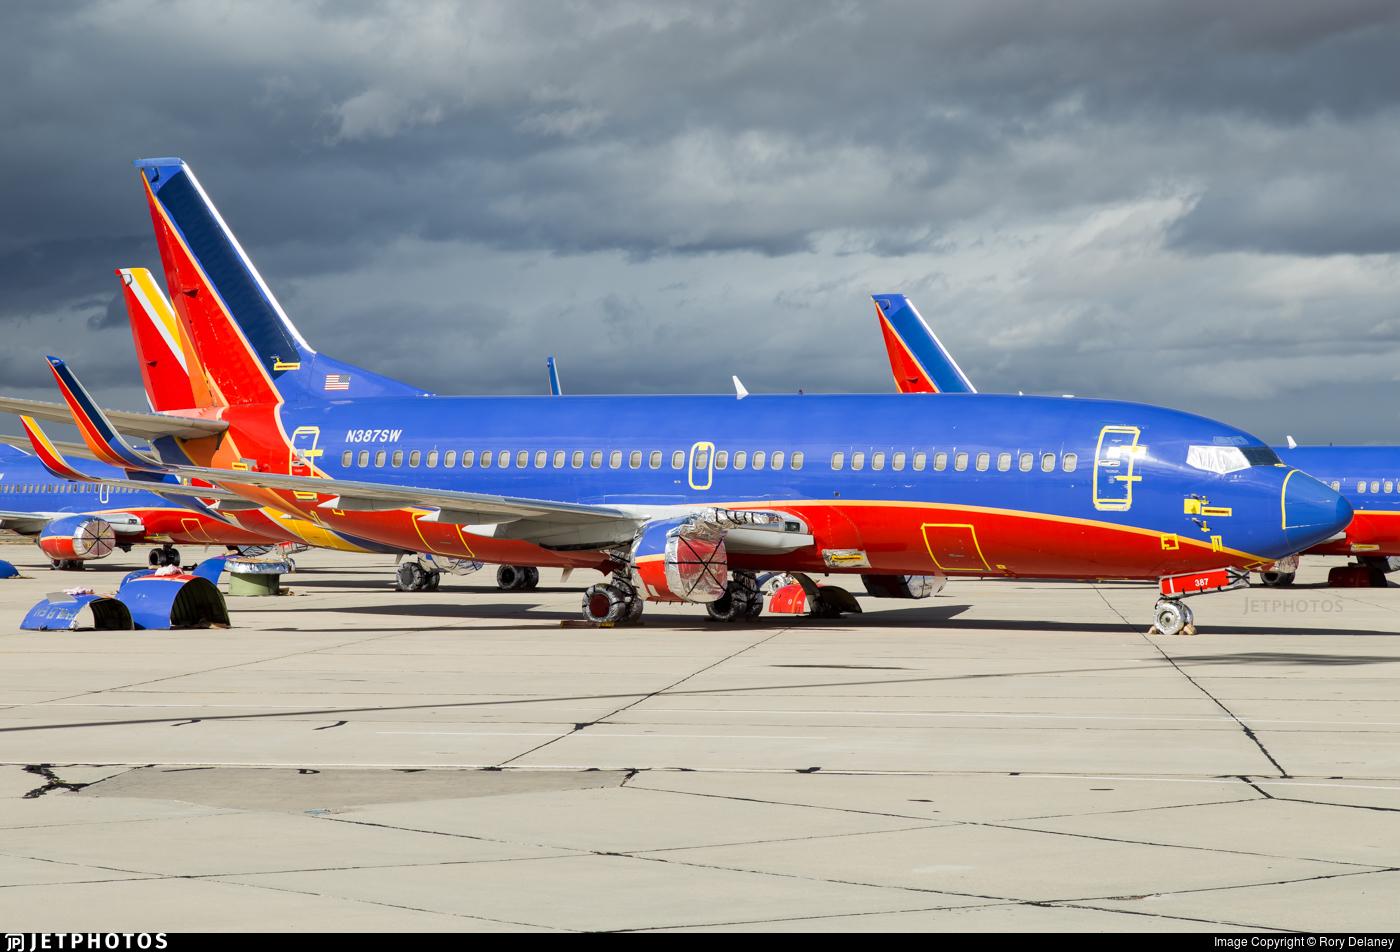 N387SW - Boeing 737-3H4 - Untitled